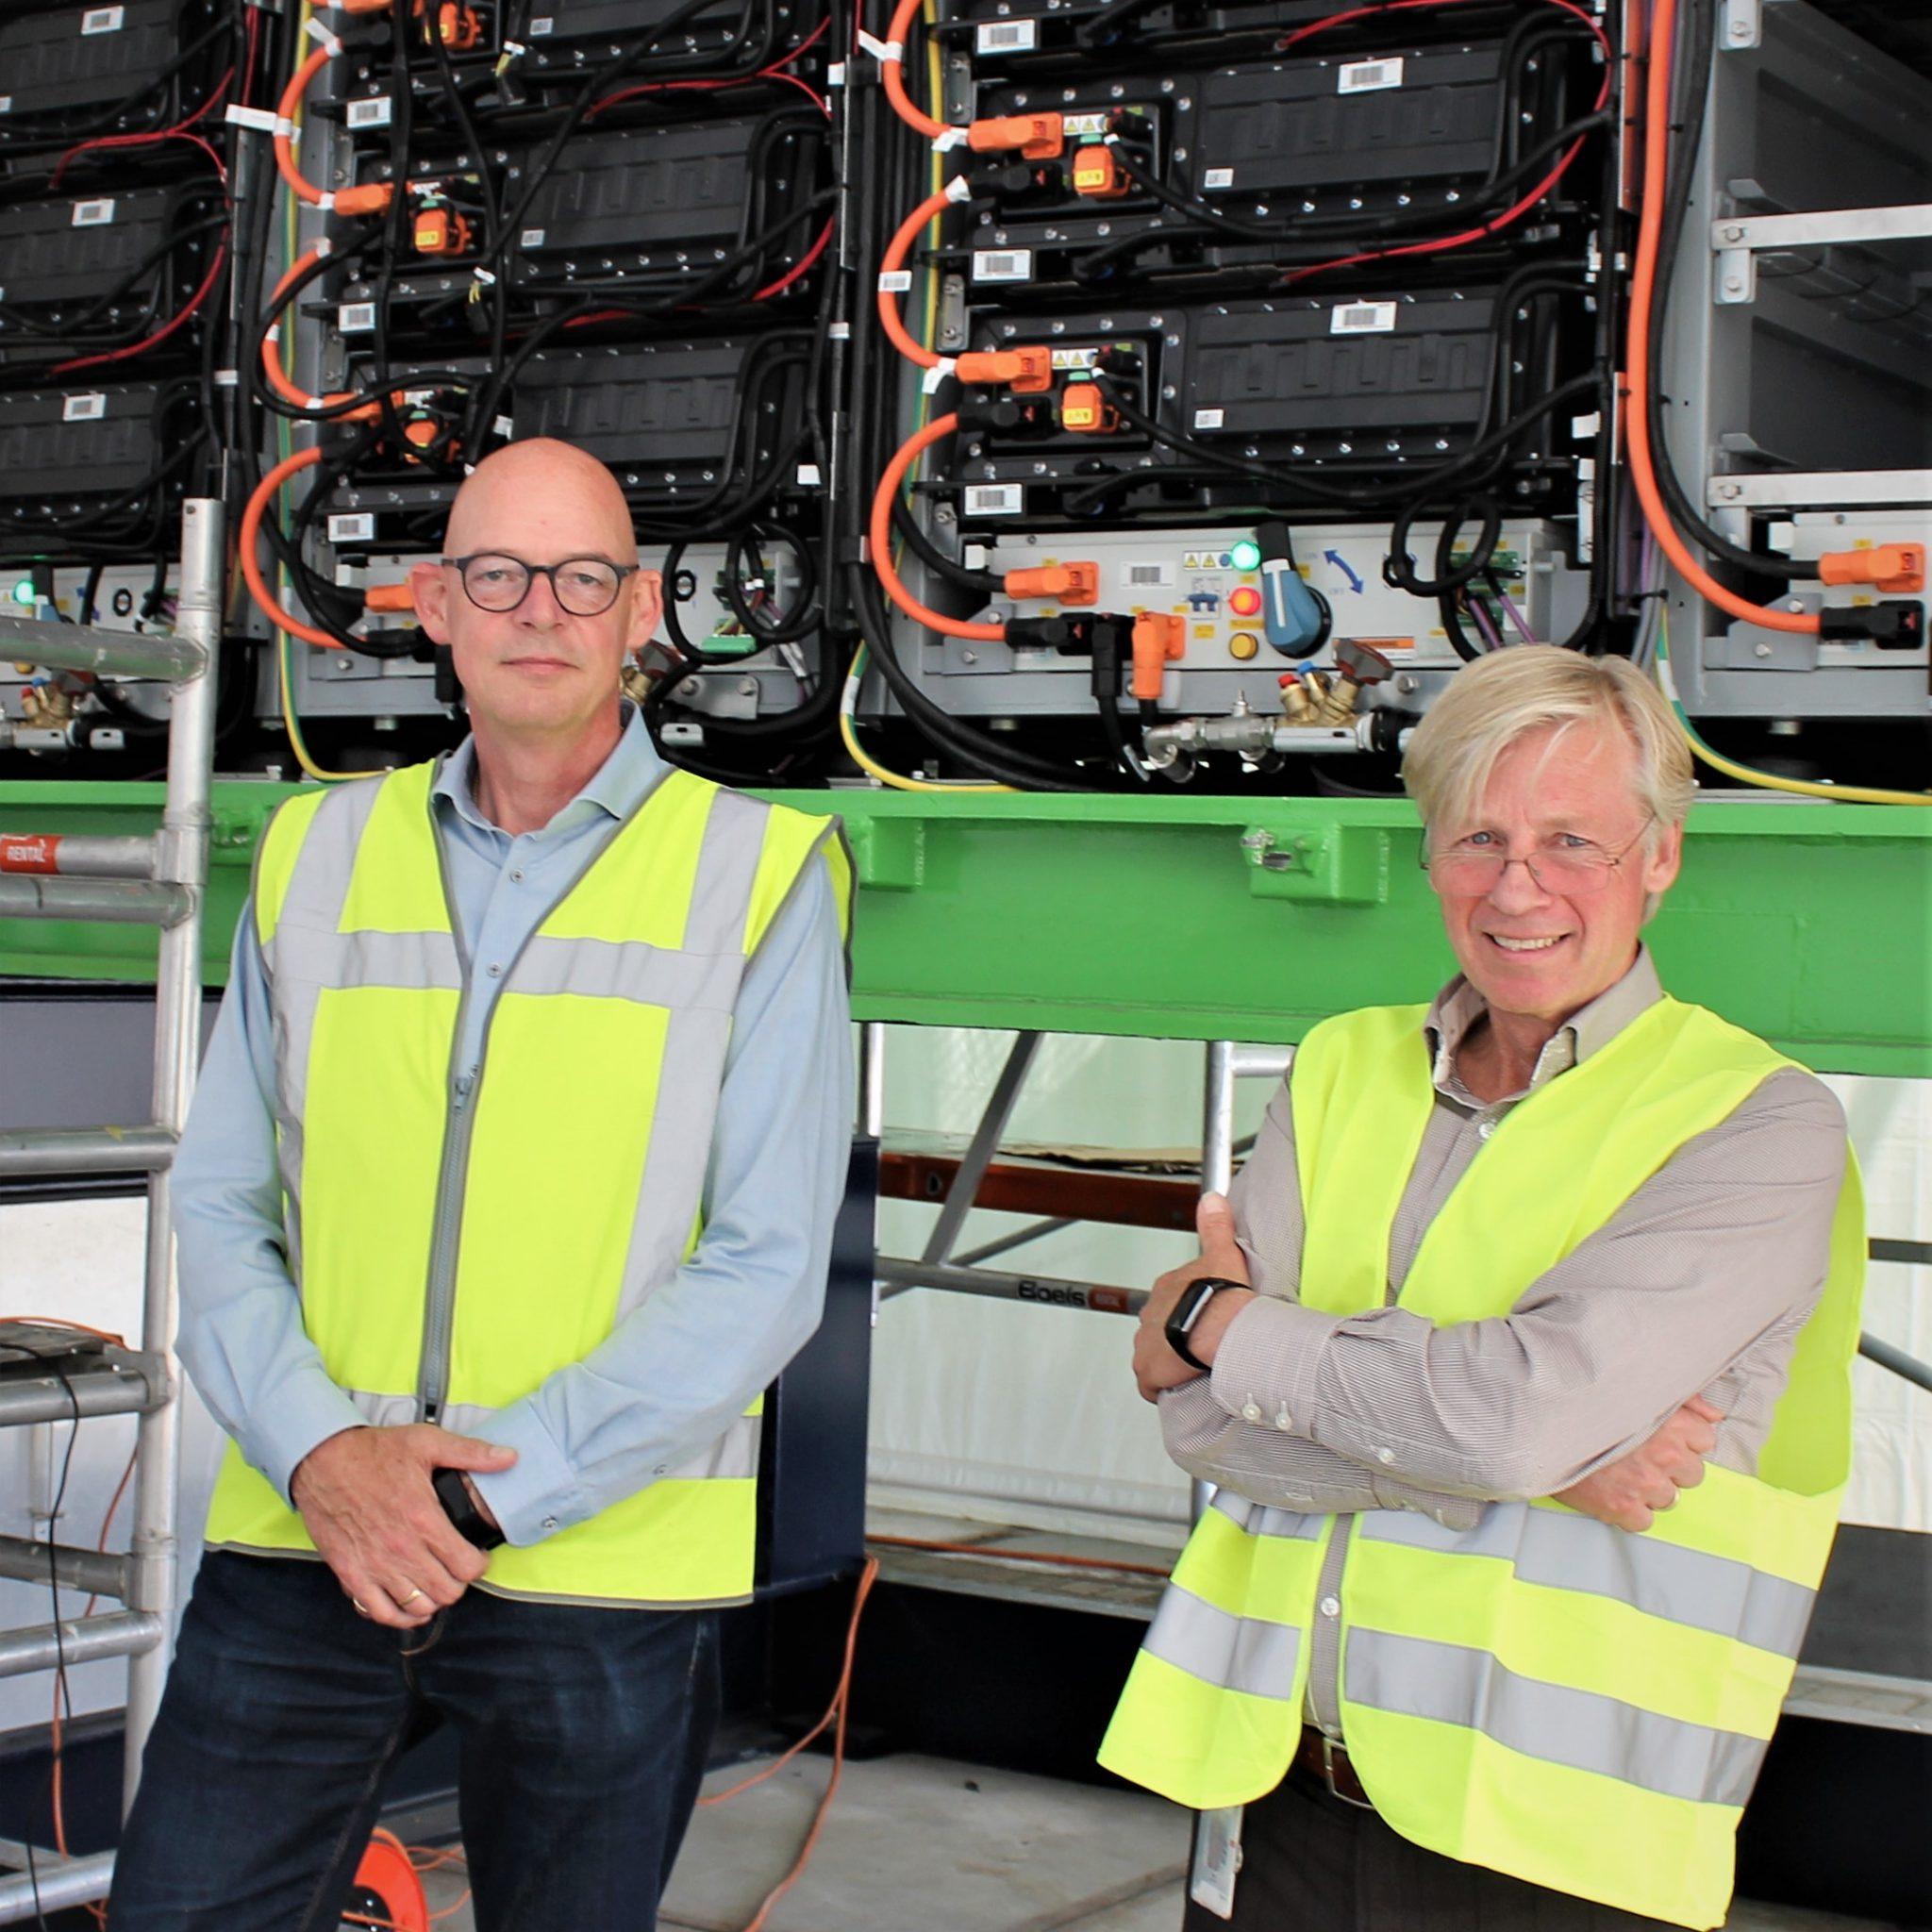 Leon Sluiman (links) en Teus van Beek bij de eerste operationele ZESpack batterijcontainer. Hij staat hier bij de laadinstallatie op het Alpherium in Alphen aan den Rijn. Daar kunnen twee batterijcontainers in 2,5 tot 3 uur volledig worden opgeladen. De laadinstallatie kan ook worden gebruikt voor het opladen van batterijen in elektrische vrachtwagens. (Foto Hans Heynen).